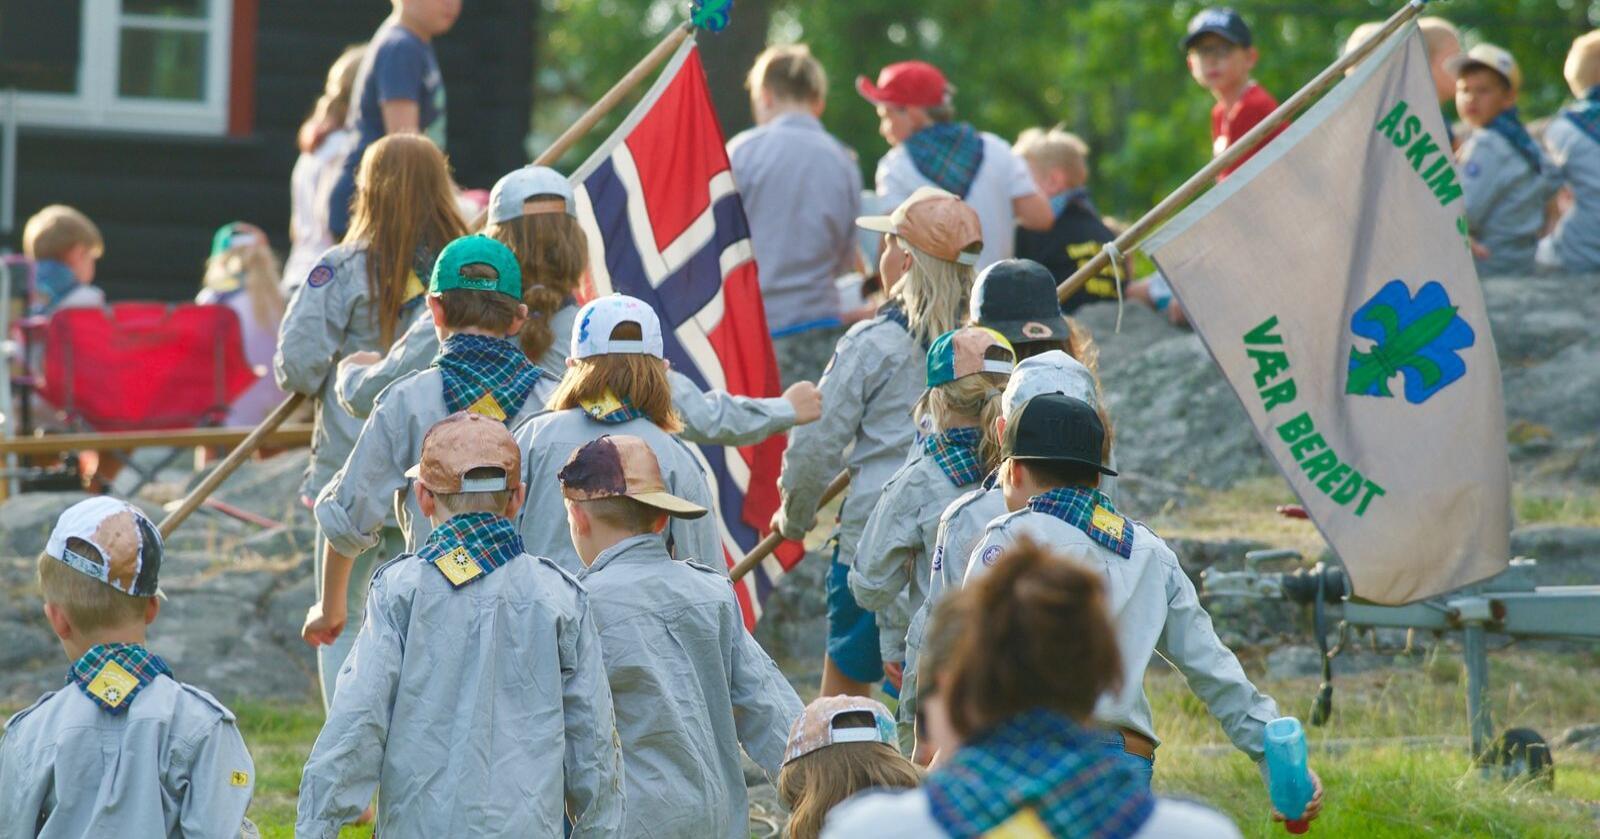 Norges speiderforbund er en barne- og ungdomsorganisasjon med formålet om å skape selvstendige og ansvarsbevisste barn og unge ved bruk av natur og friluftsliv. Foto: Thomas Markento Andresen